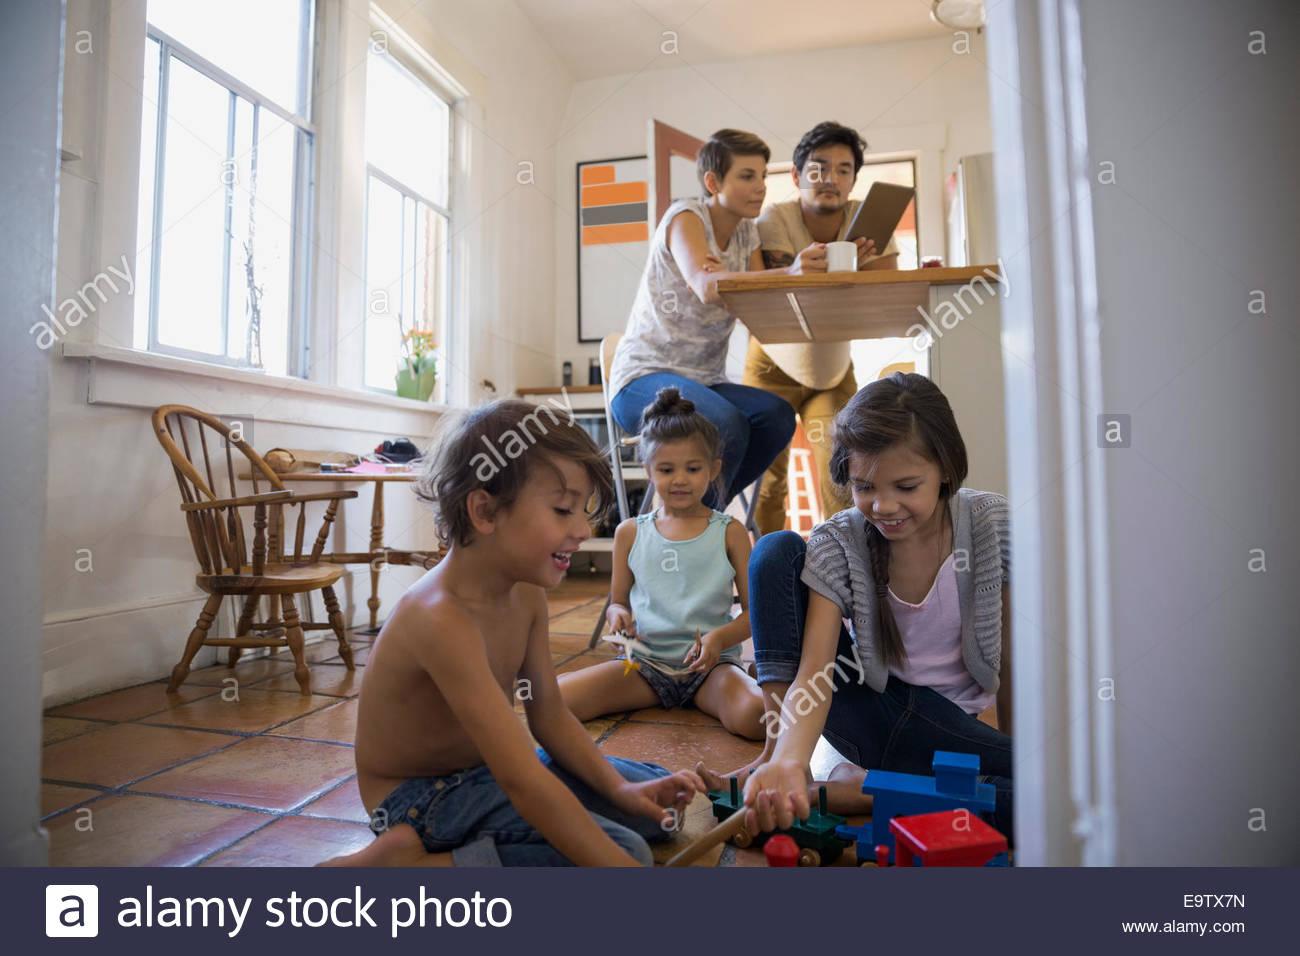 Bambini che giocano sul pavimento della cucina Immagini Stock